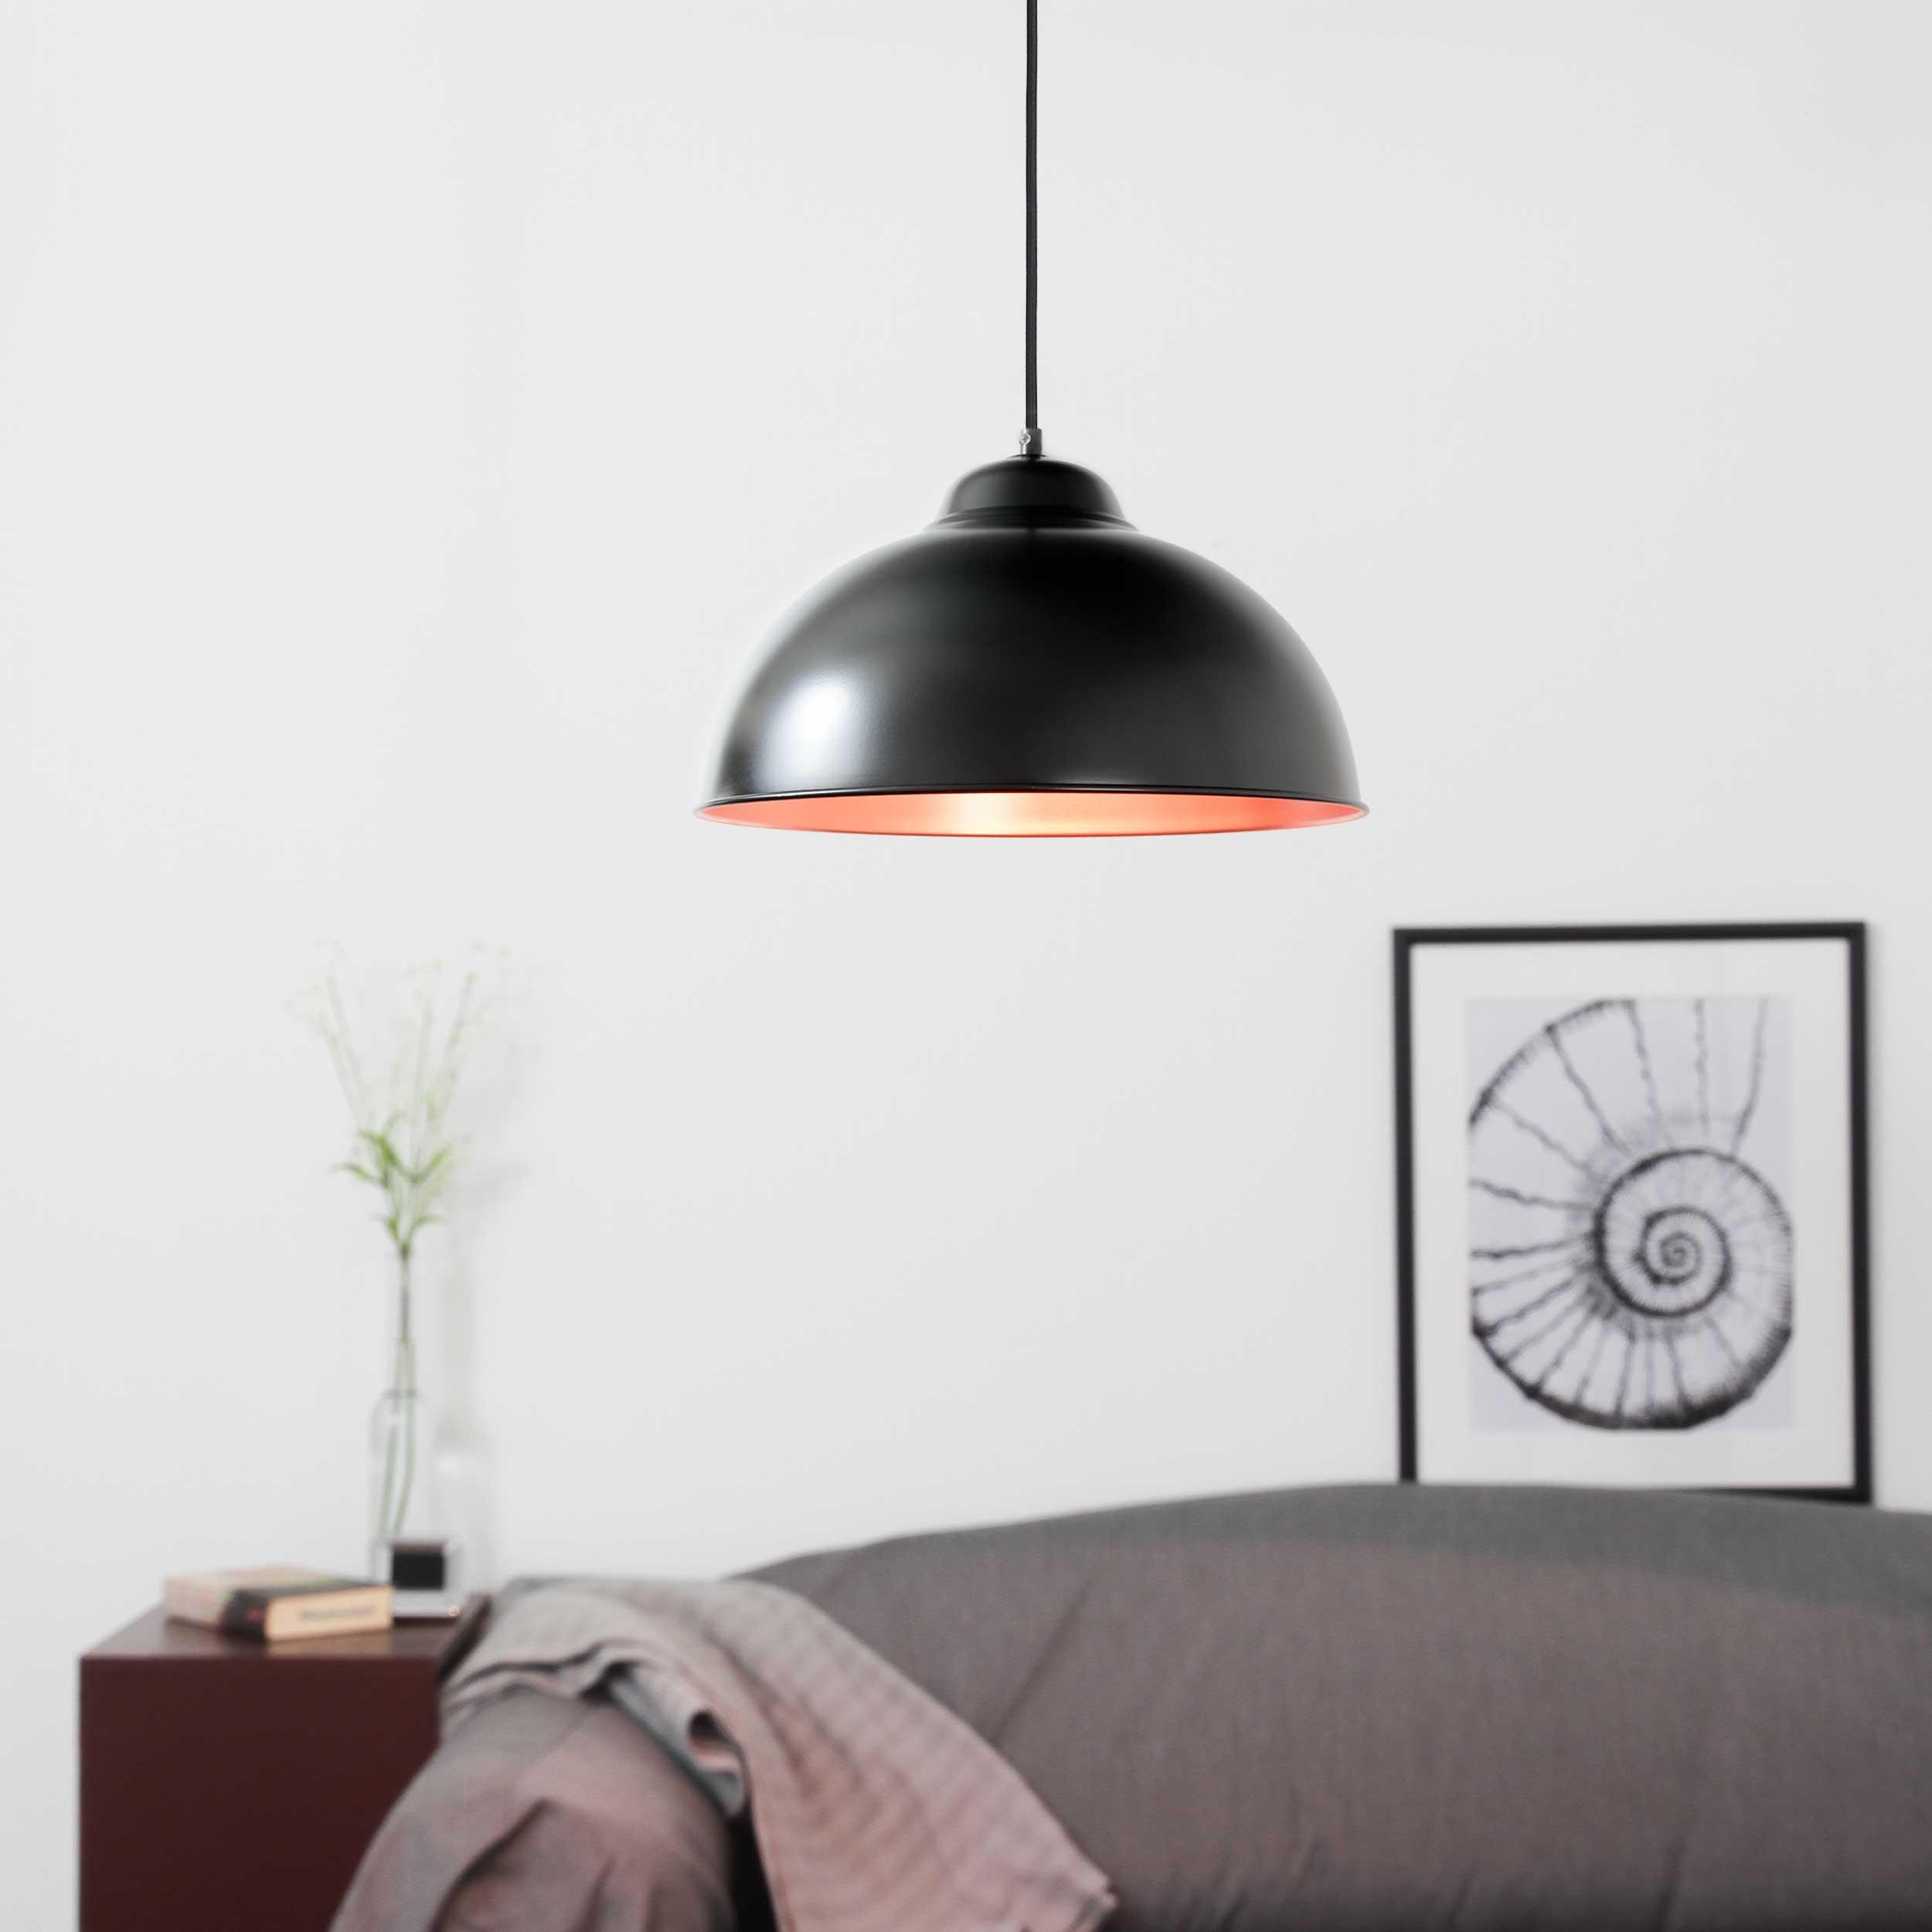 Stilvolle Pendelleuchte Schwarz Kupfer Ø37cm TRURO